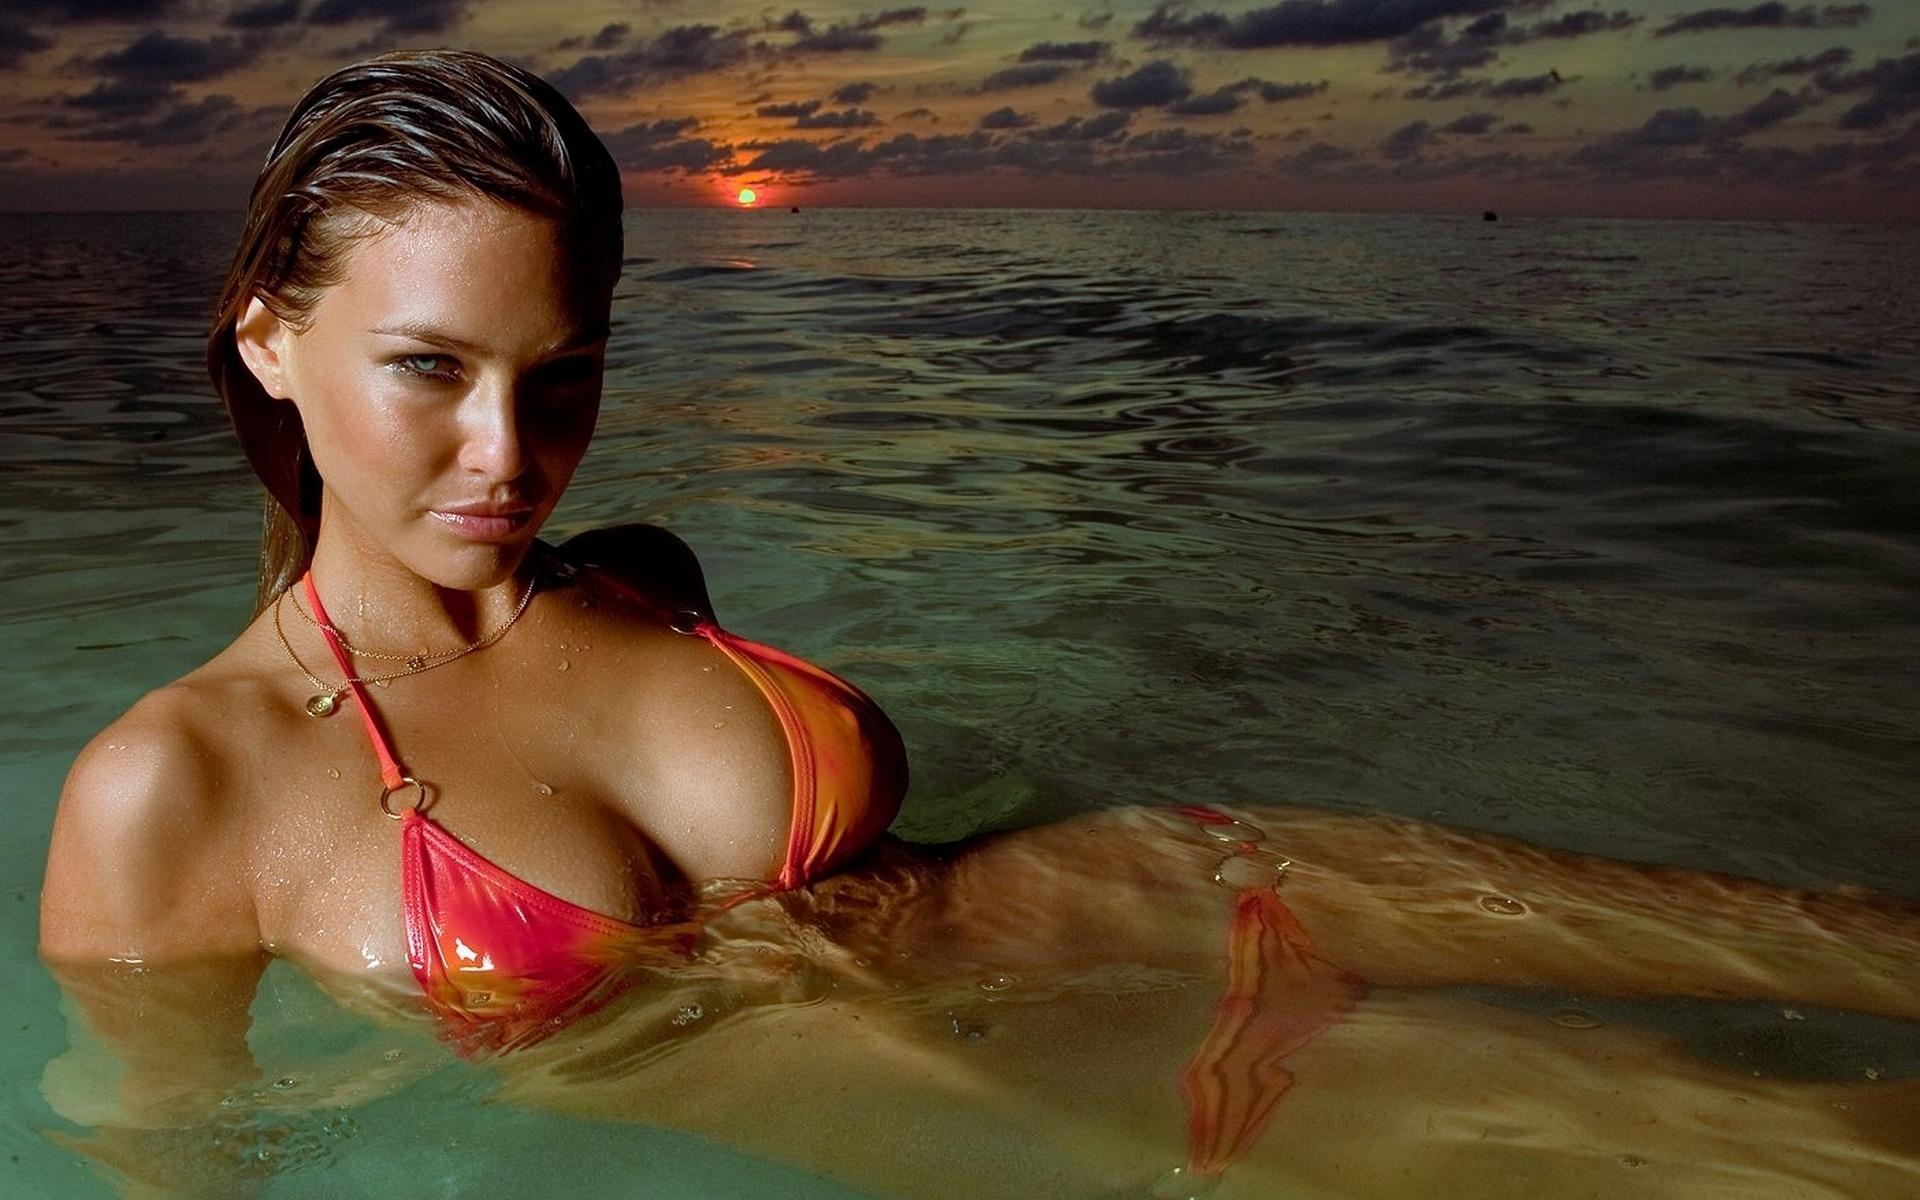 Смотреть грудастые девушки на пляже и с, Секс на пляже - подборка порно видео. Коллекция секс 1 фотография